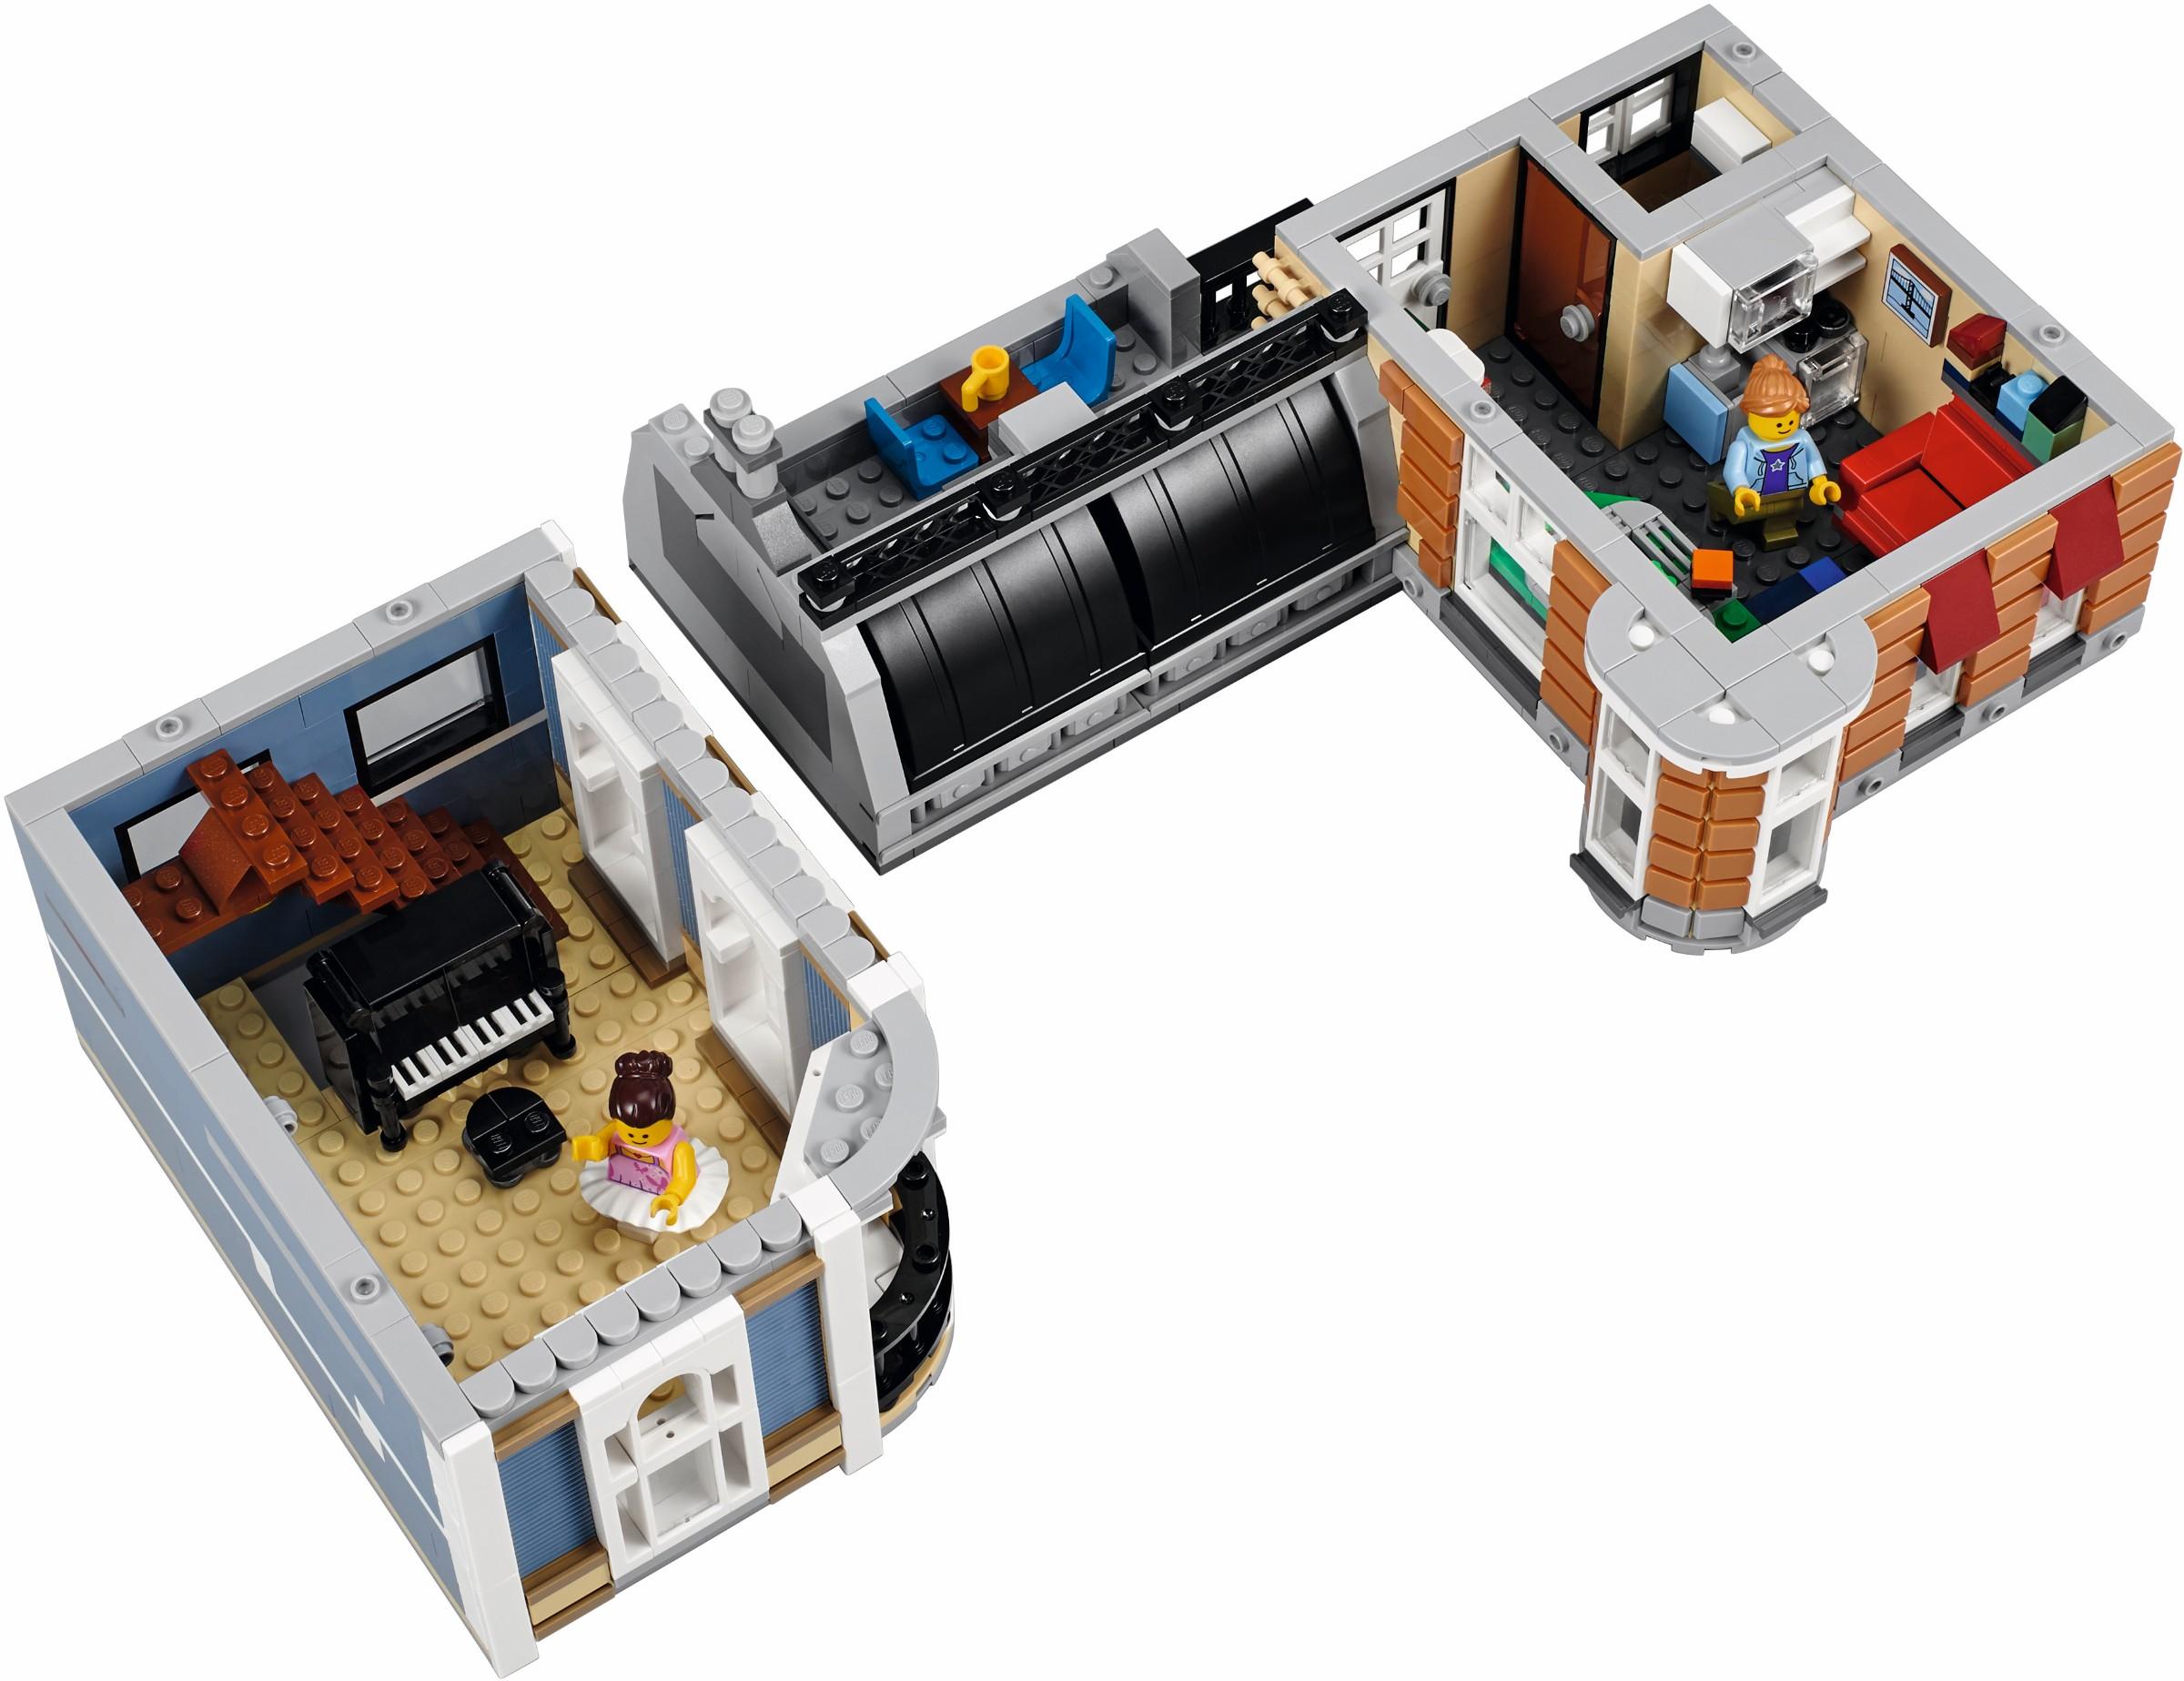 http://images.brickset.com/sets/AdditionalImages/10255-1/10255_Back_03.jpg